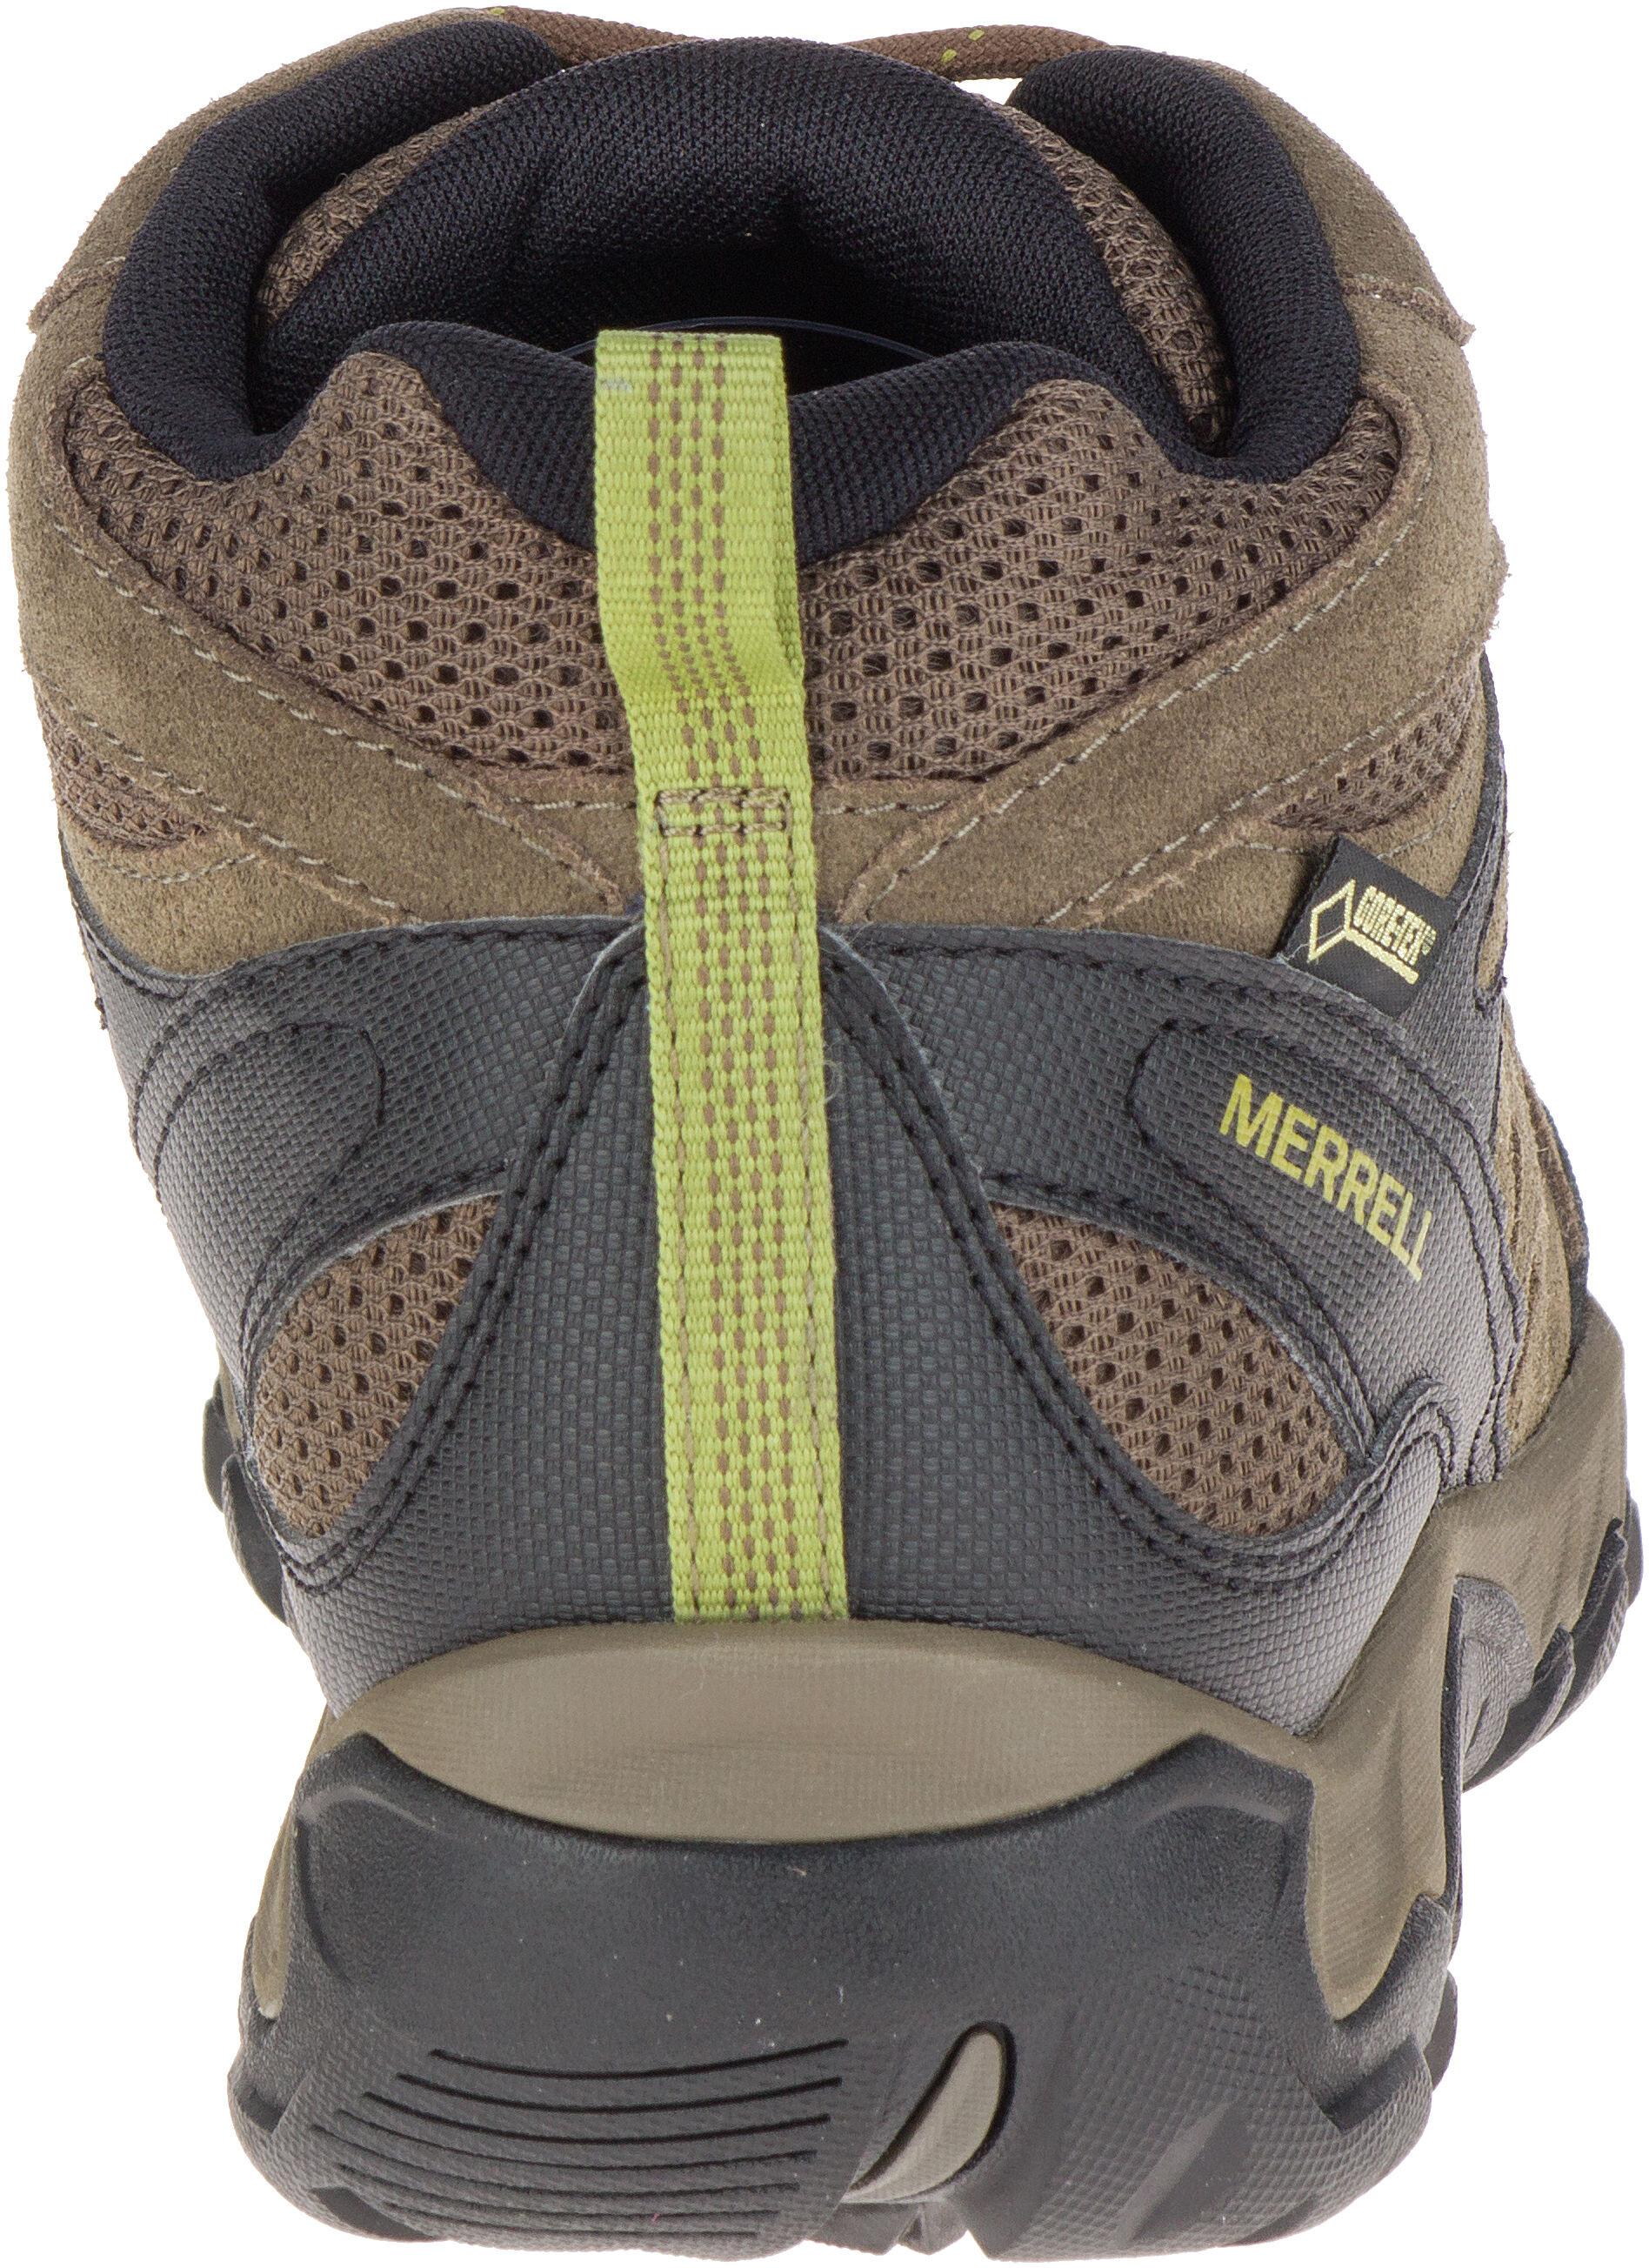 743be31ab76 Merrell Outmost MID Vent GTX Calzado Hombre, boulder | Campz.es